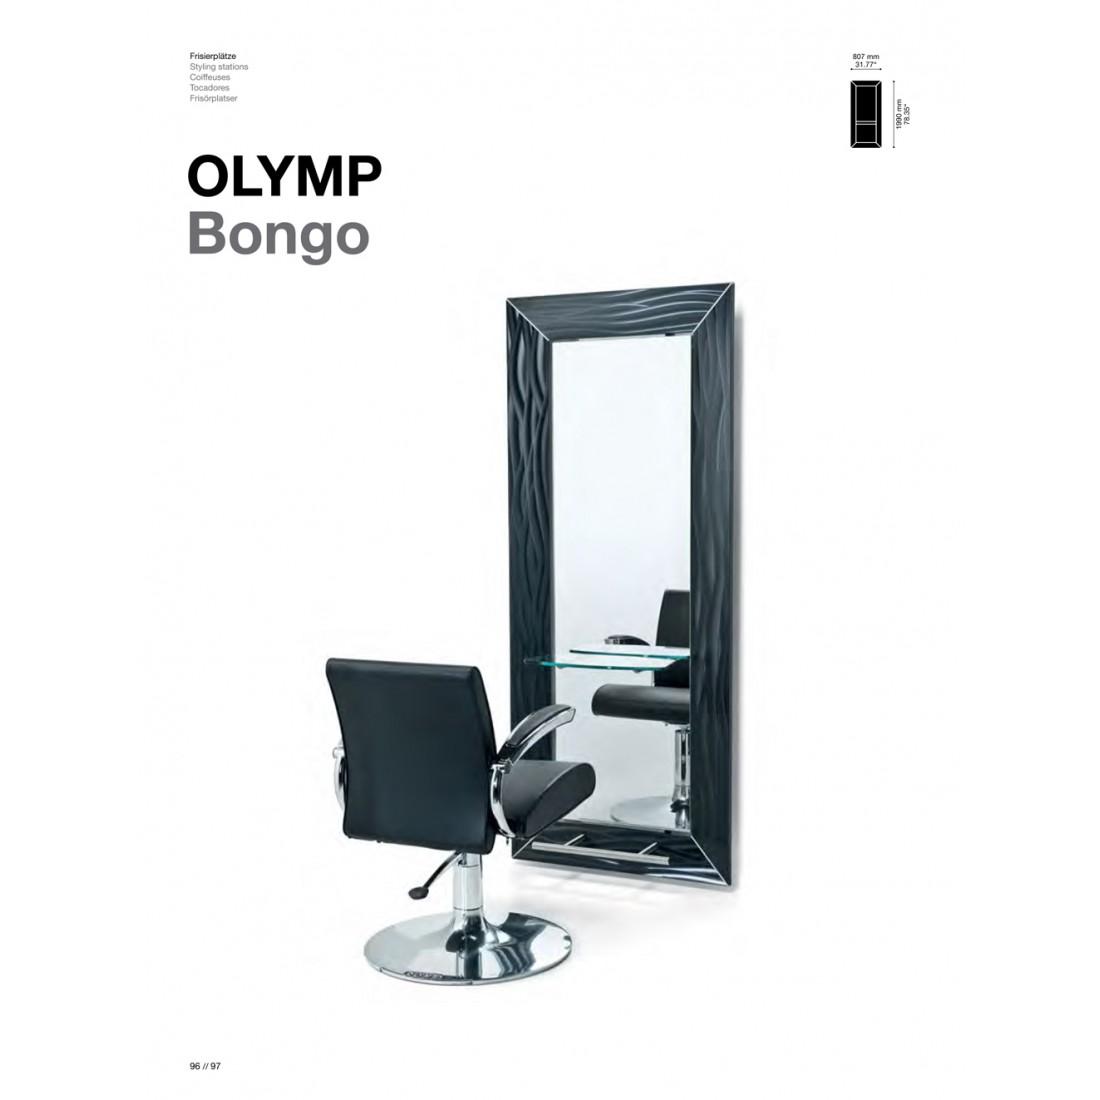 TABLE DE COIFFAGE OLYMP BONGO